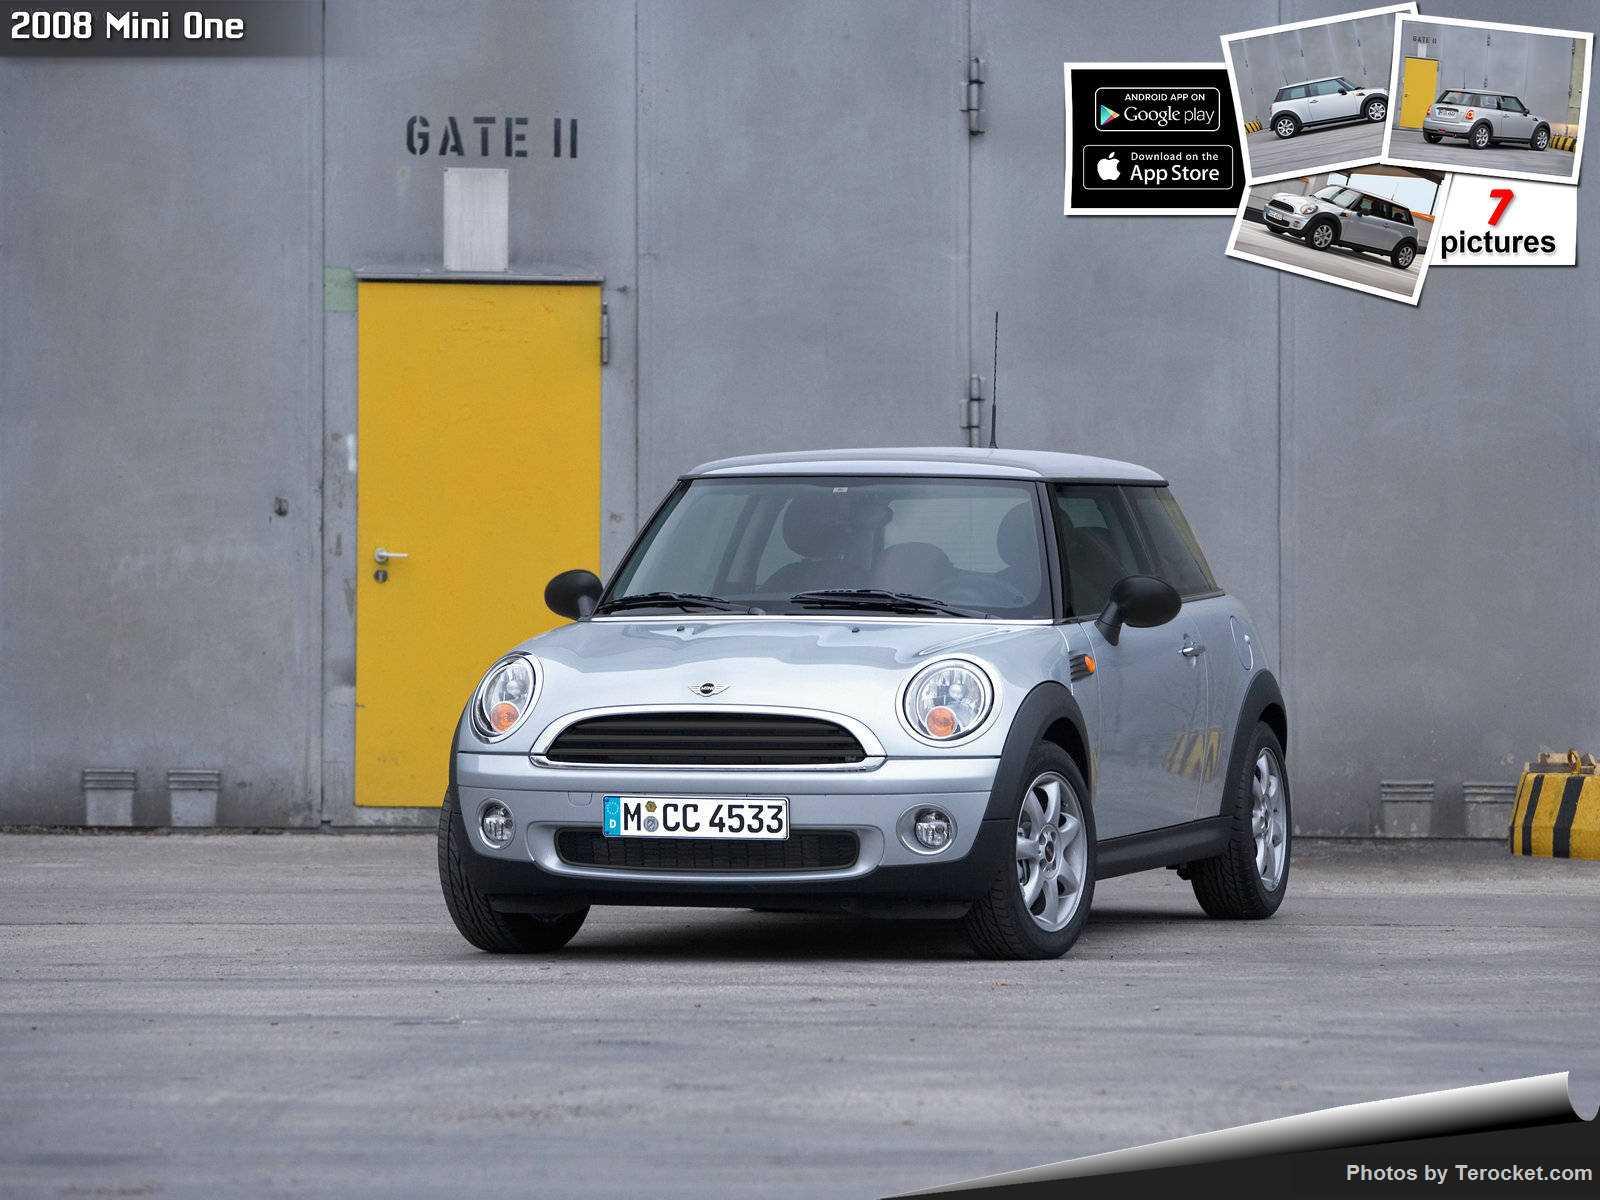 Hình ảnh xe ô tô Mini One 2008 & nội ngoại thất